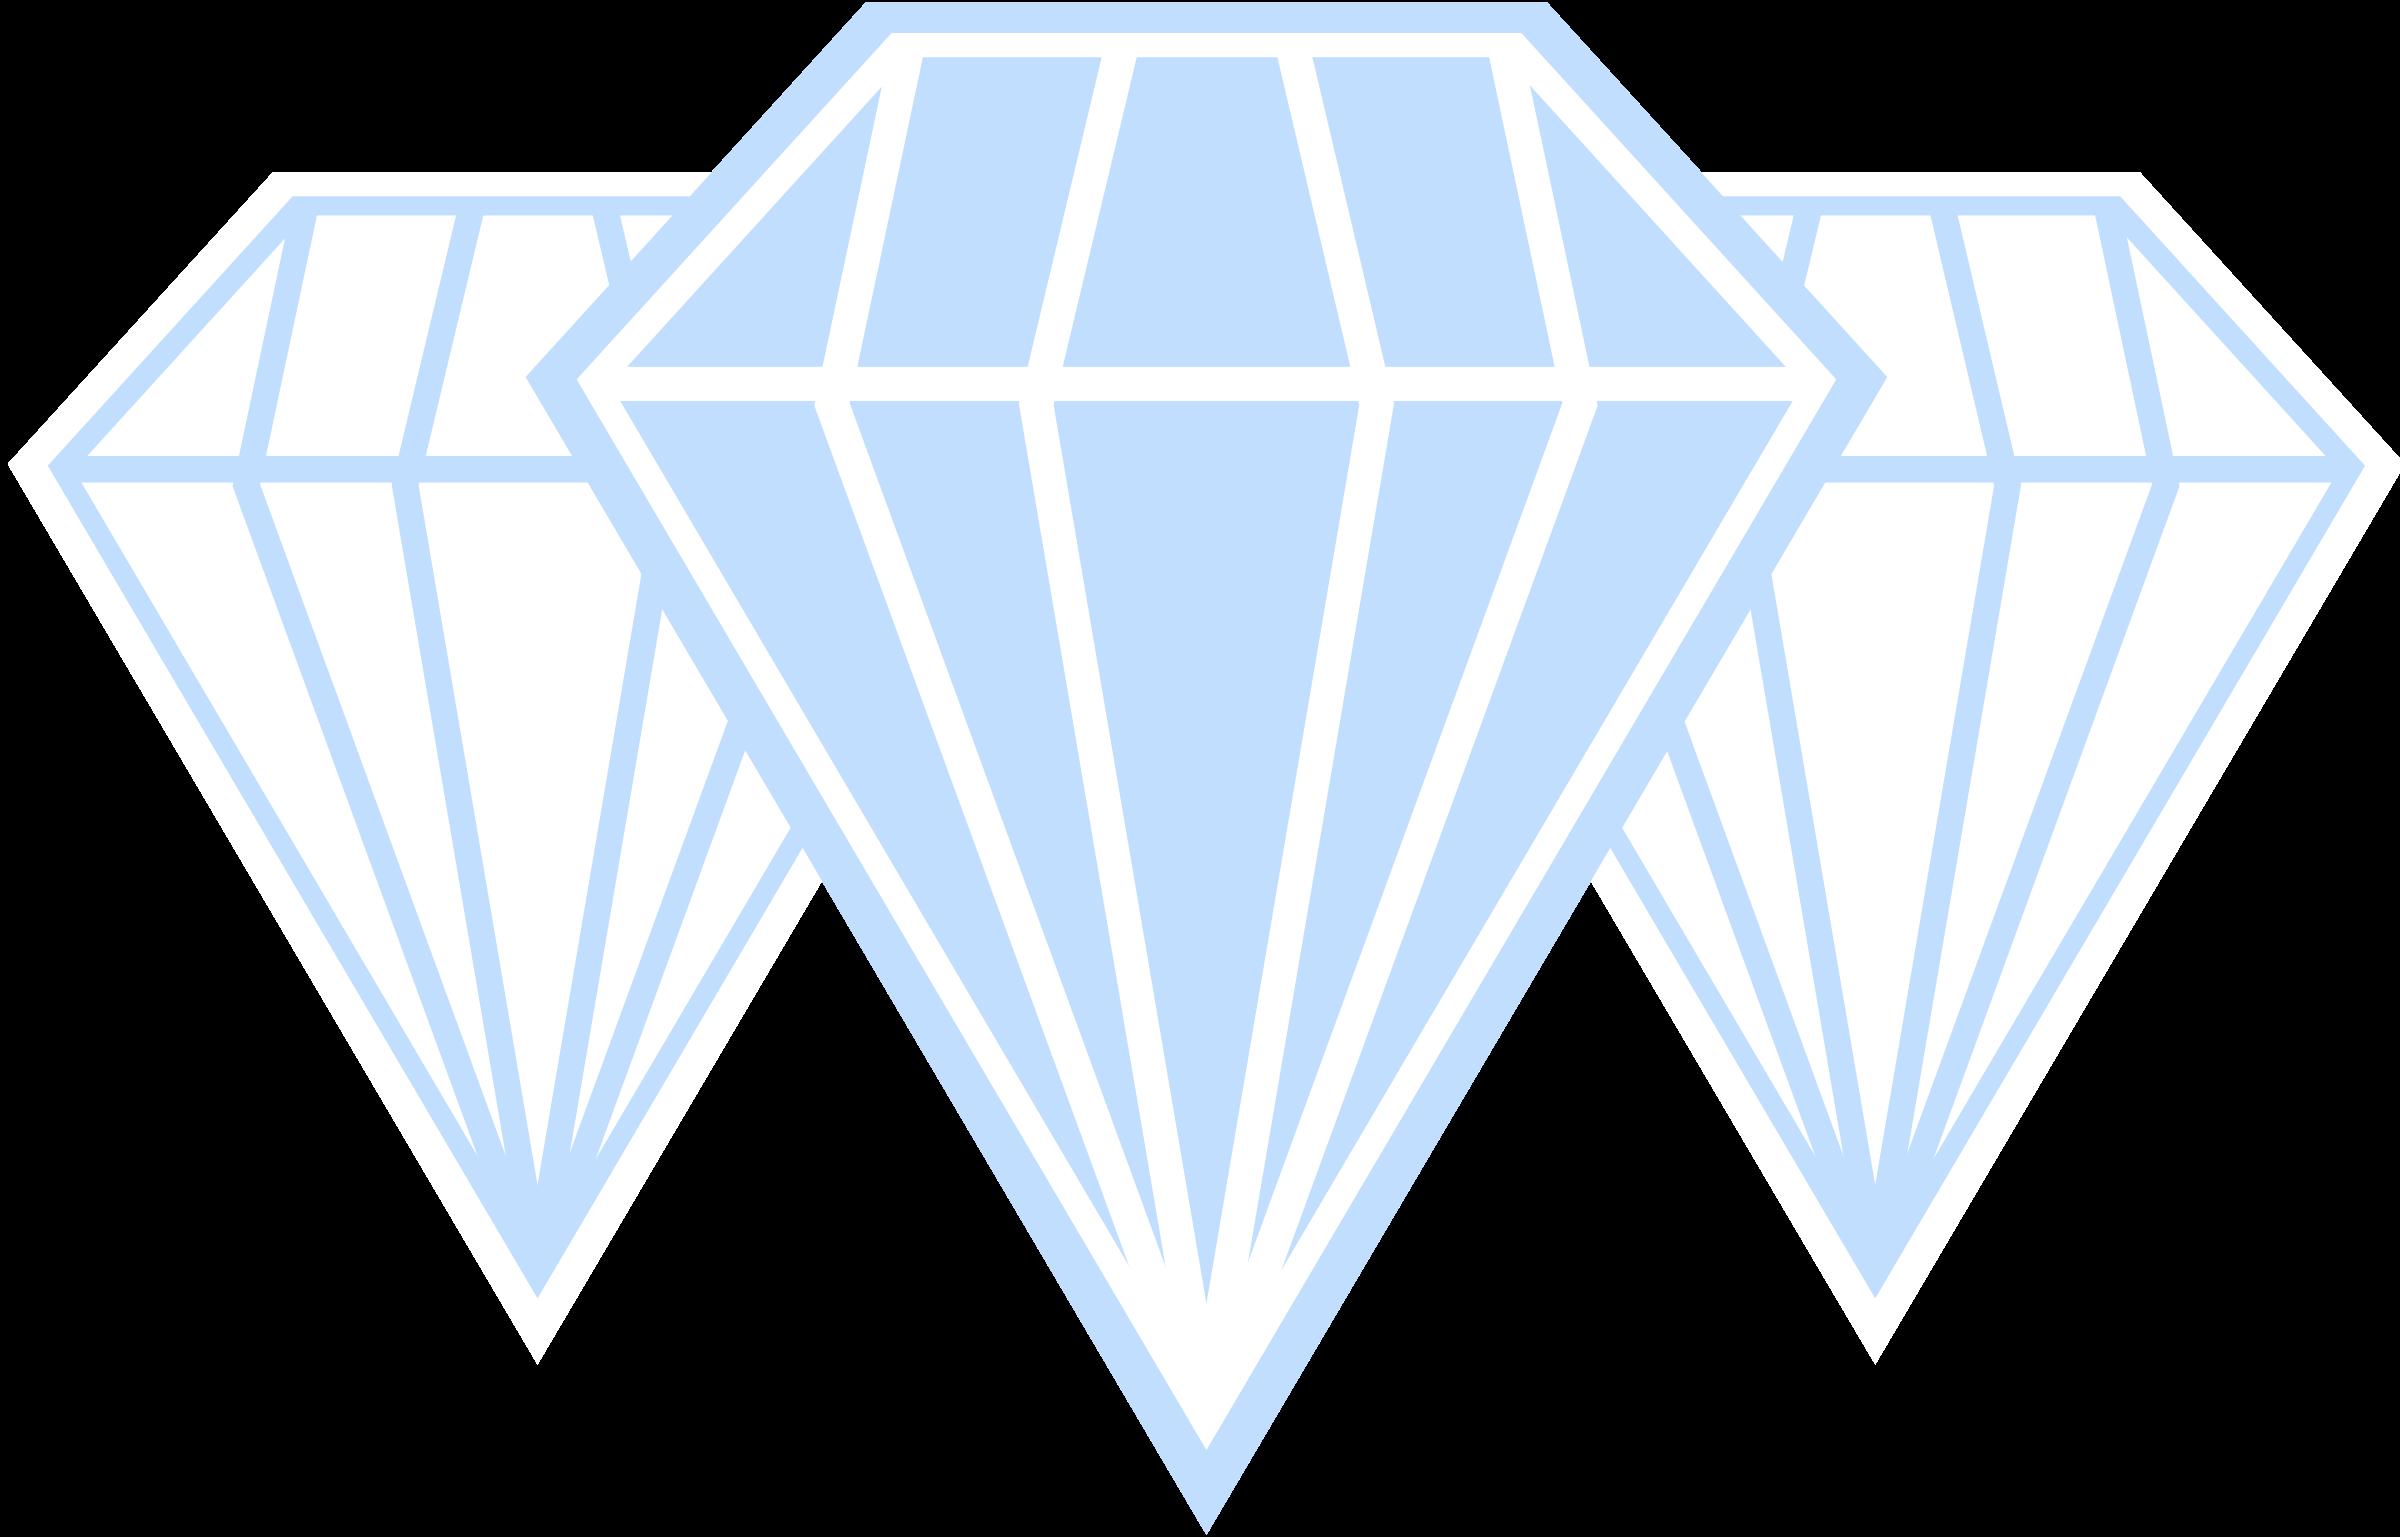 Diamonds clipart triangle.